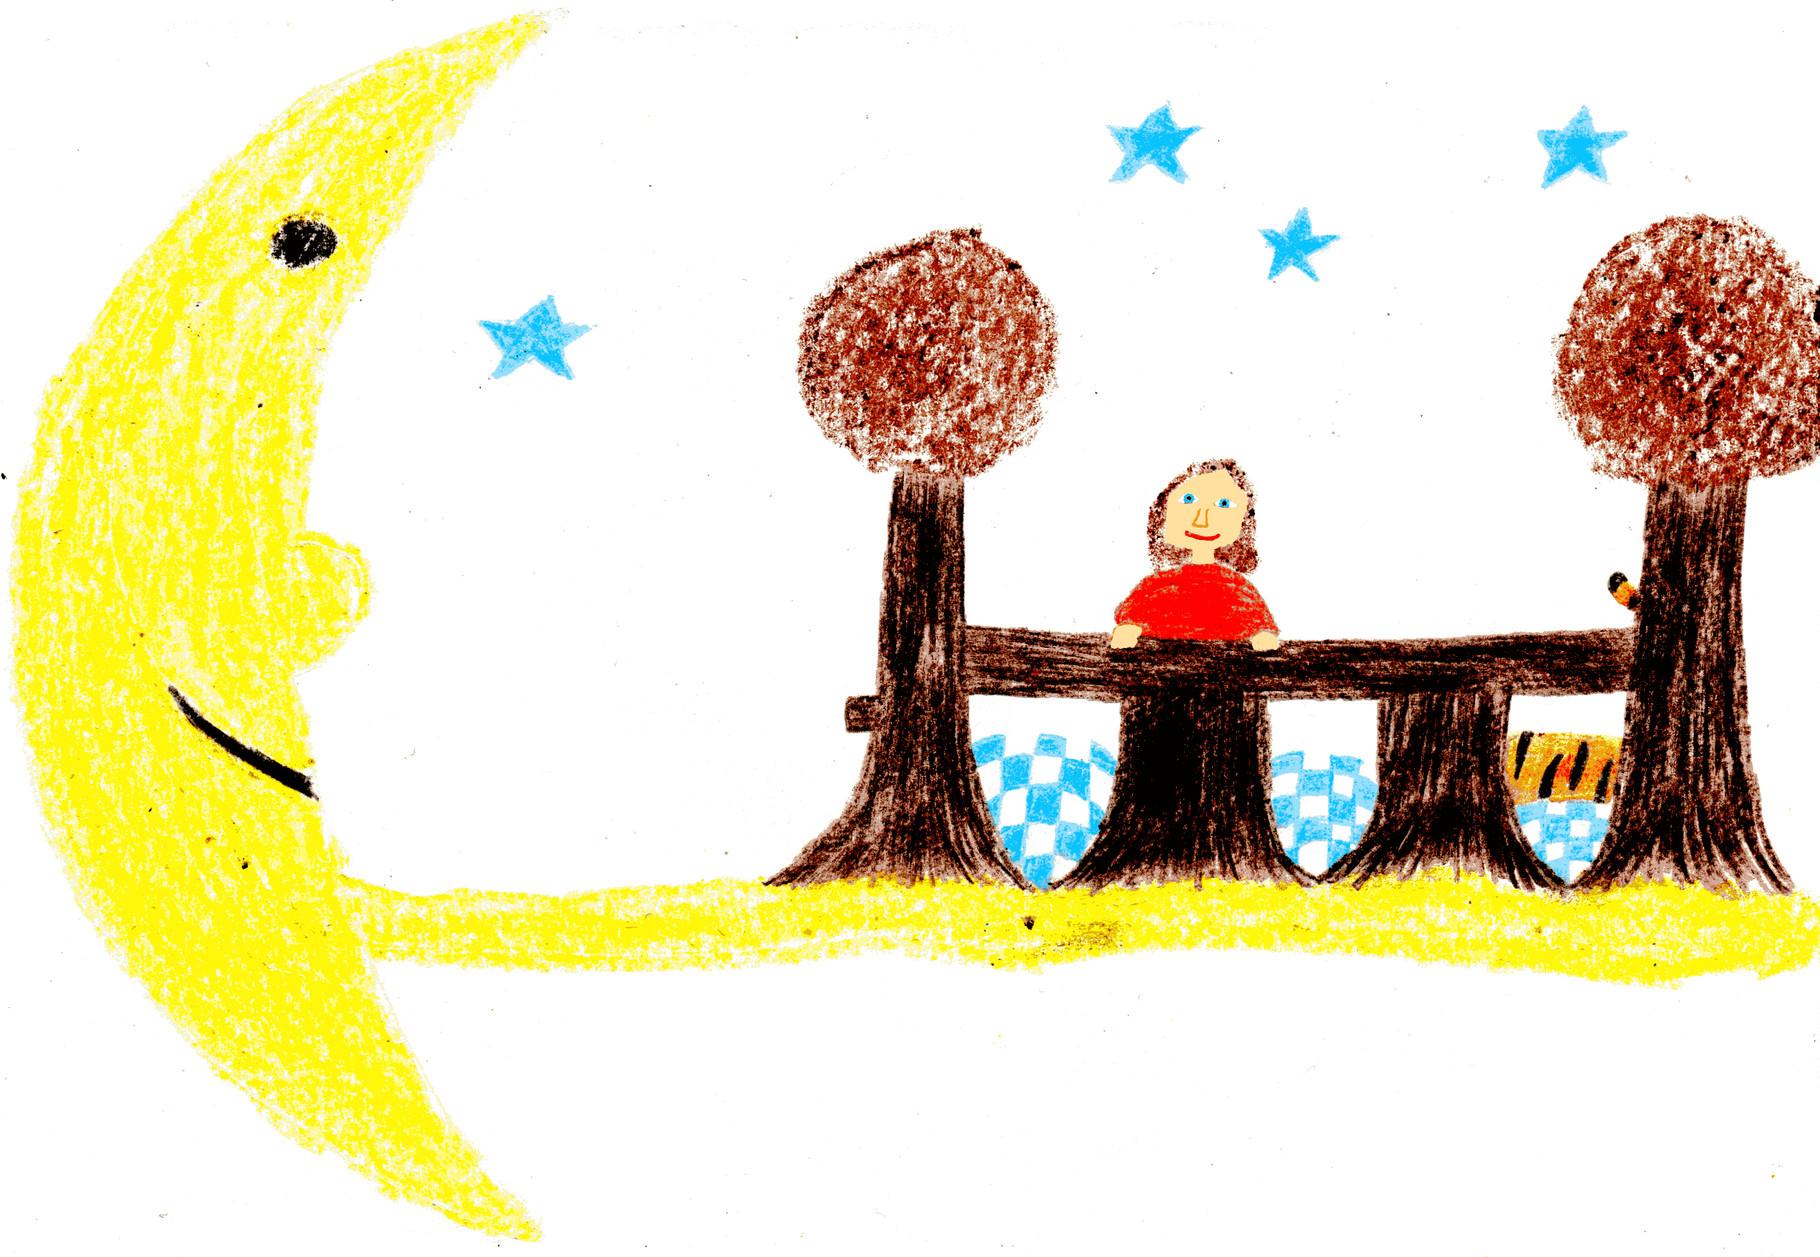 Dorothea träumt von einer Reise zu den Sternen